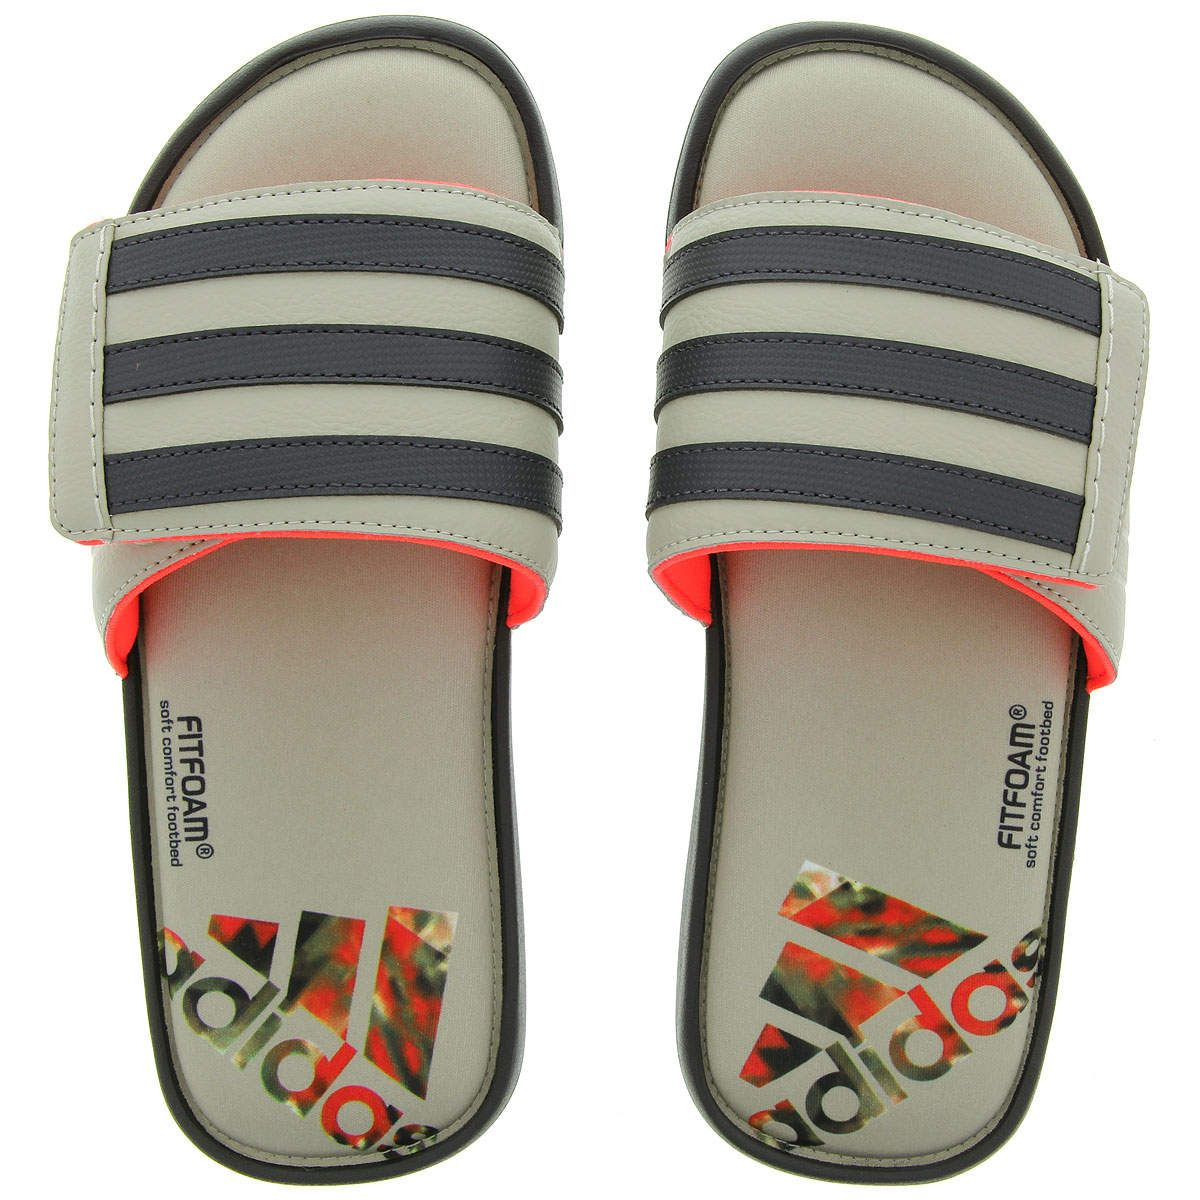 2d7a901b467 Chinelo Adidas Adissage Comfort Masculino